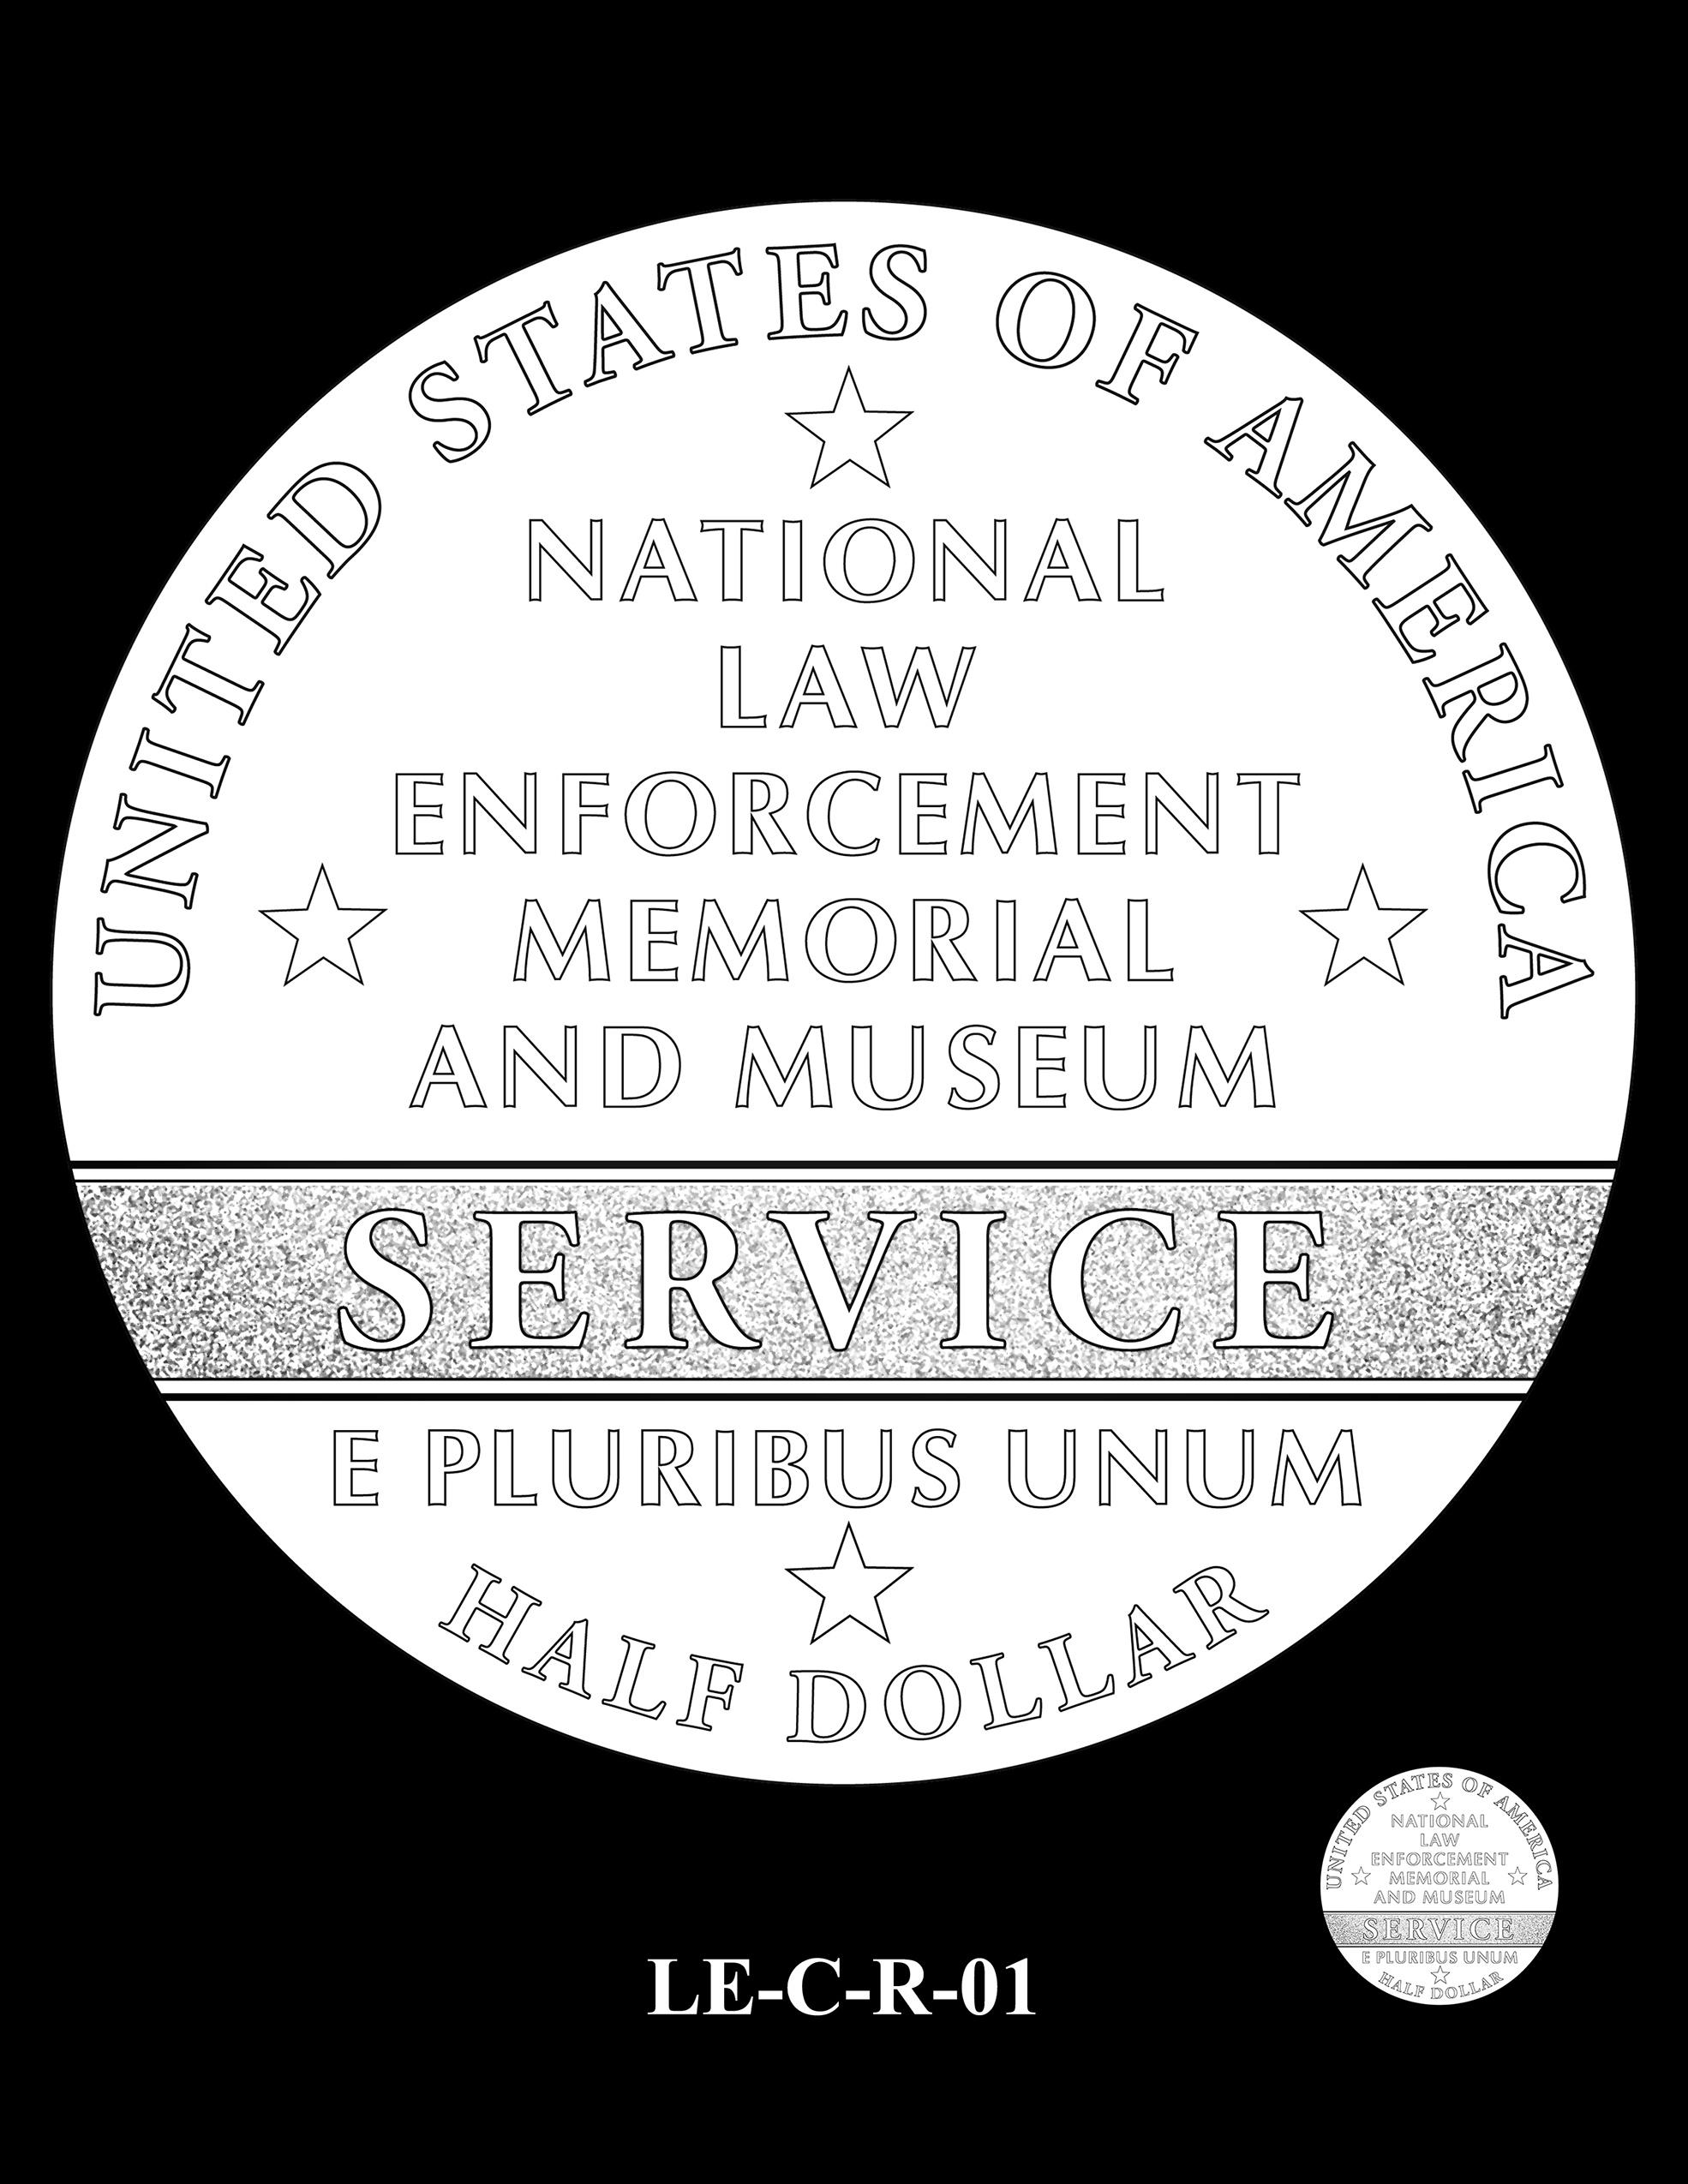 LE-C-R-01 -- National Law Enforcement Museum Commemorative Coin Program